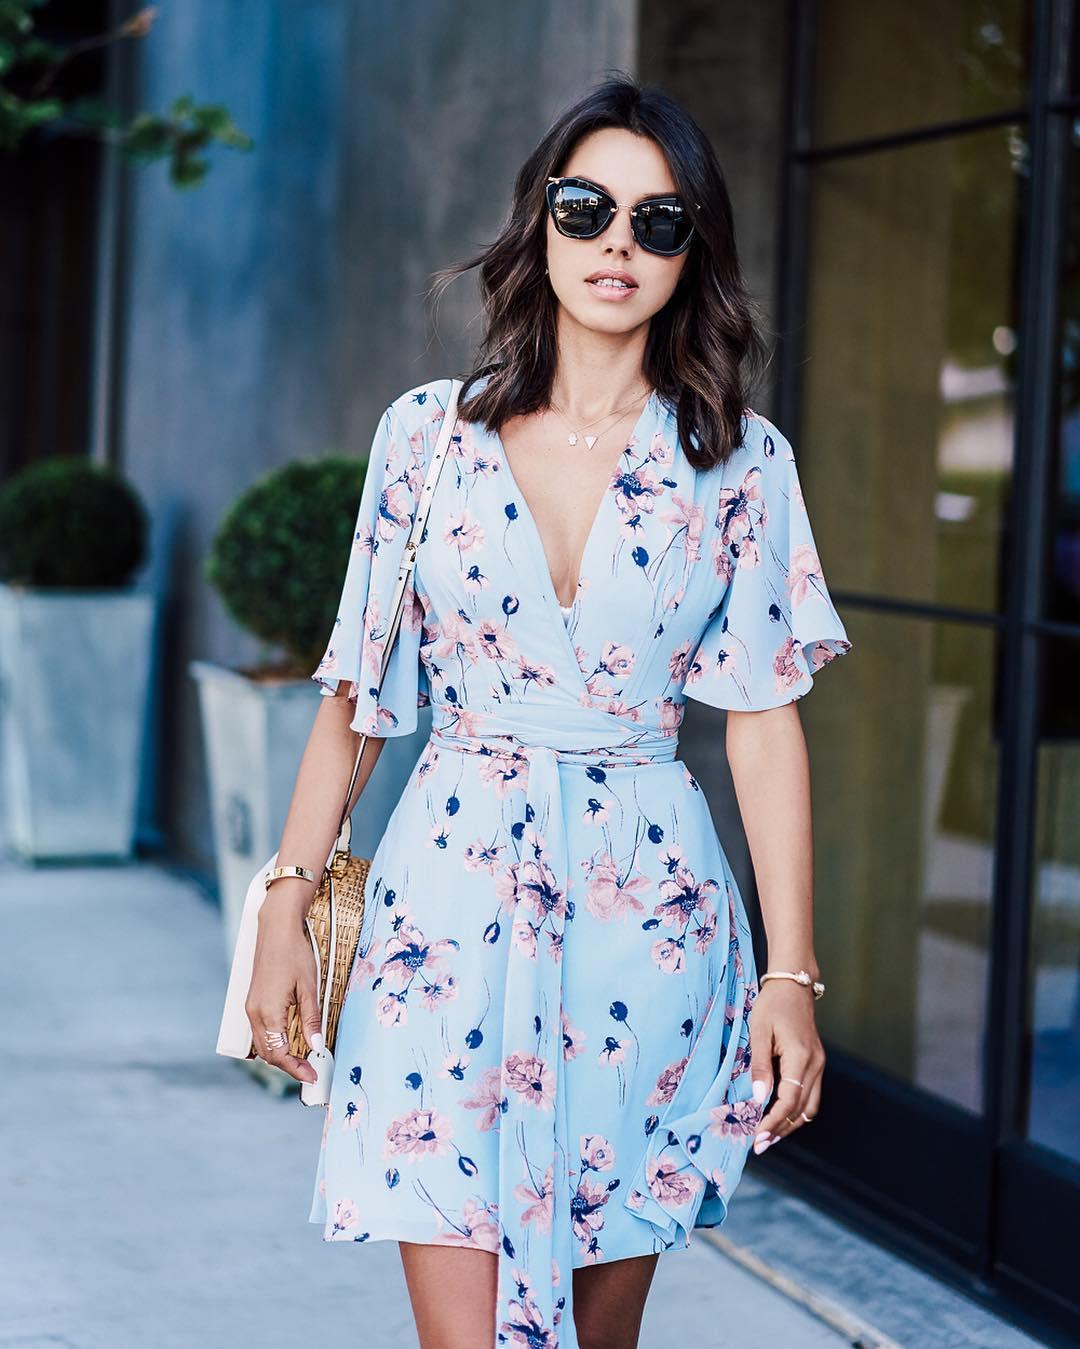 91573bffbfb Модные платья весна-лето 2018  популярные фасоны и 30 потрясающих ...